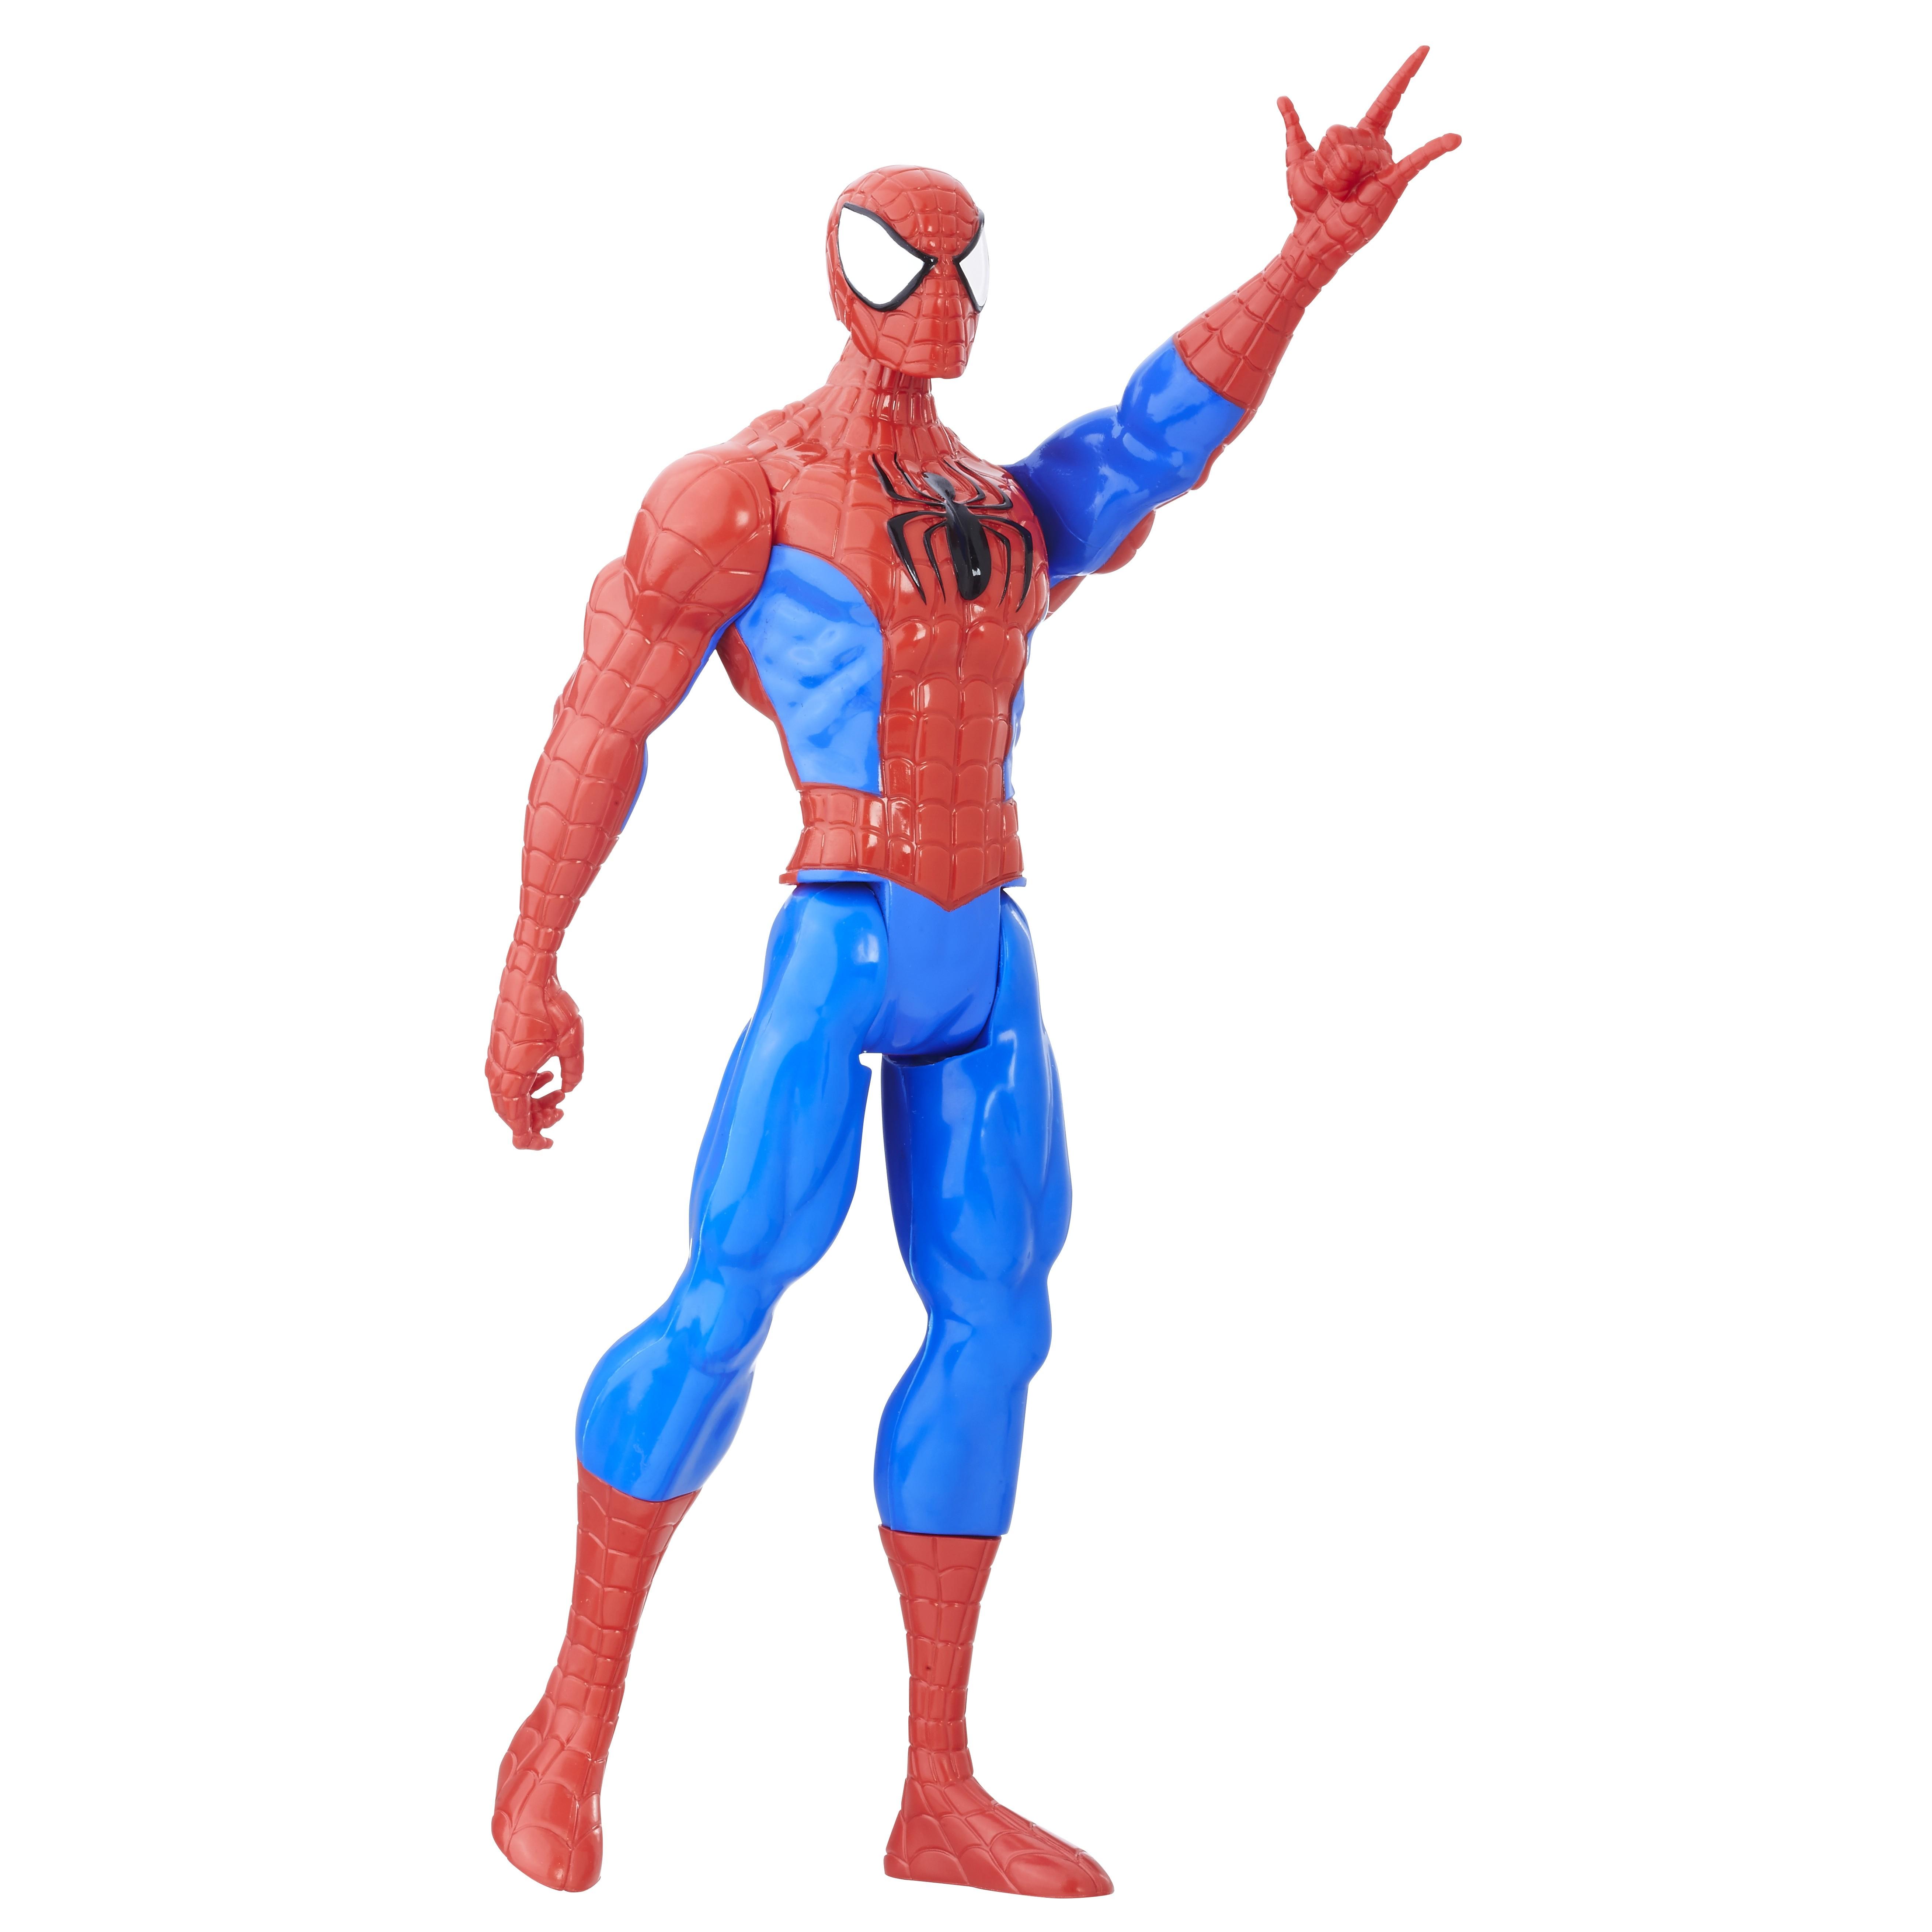 Spider Man Spider-man Титаны: Человек-паук академия групп пенал человек паук